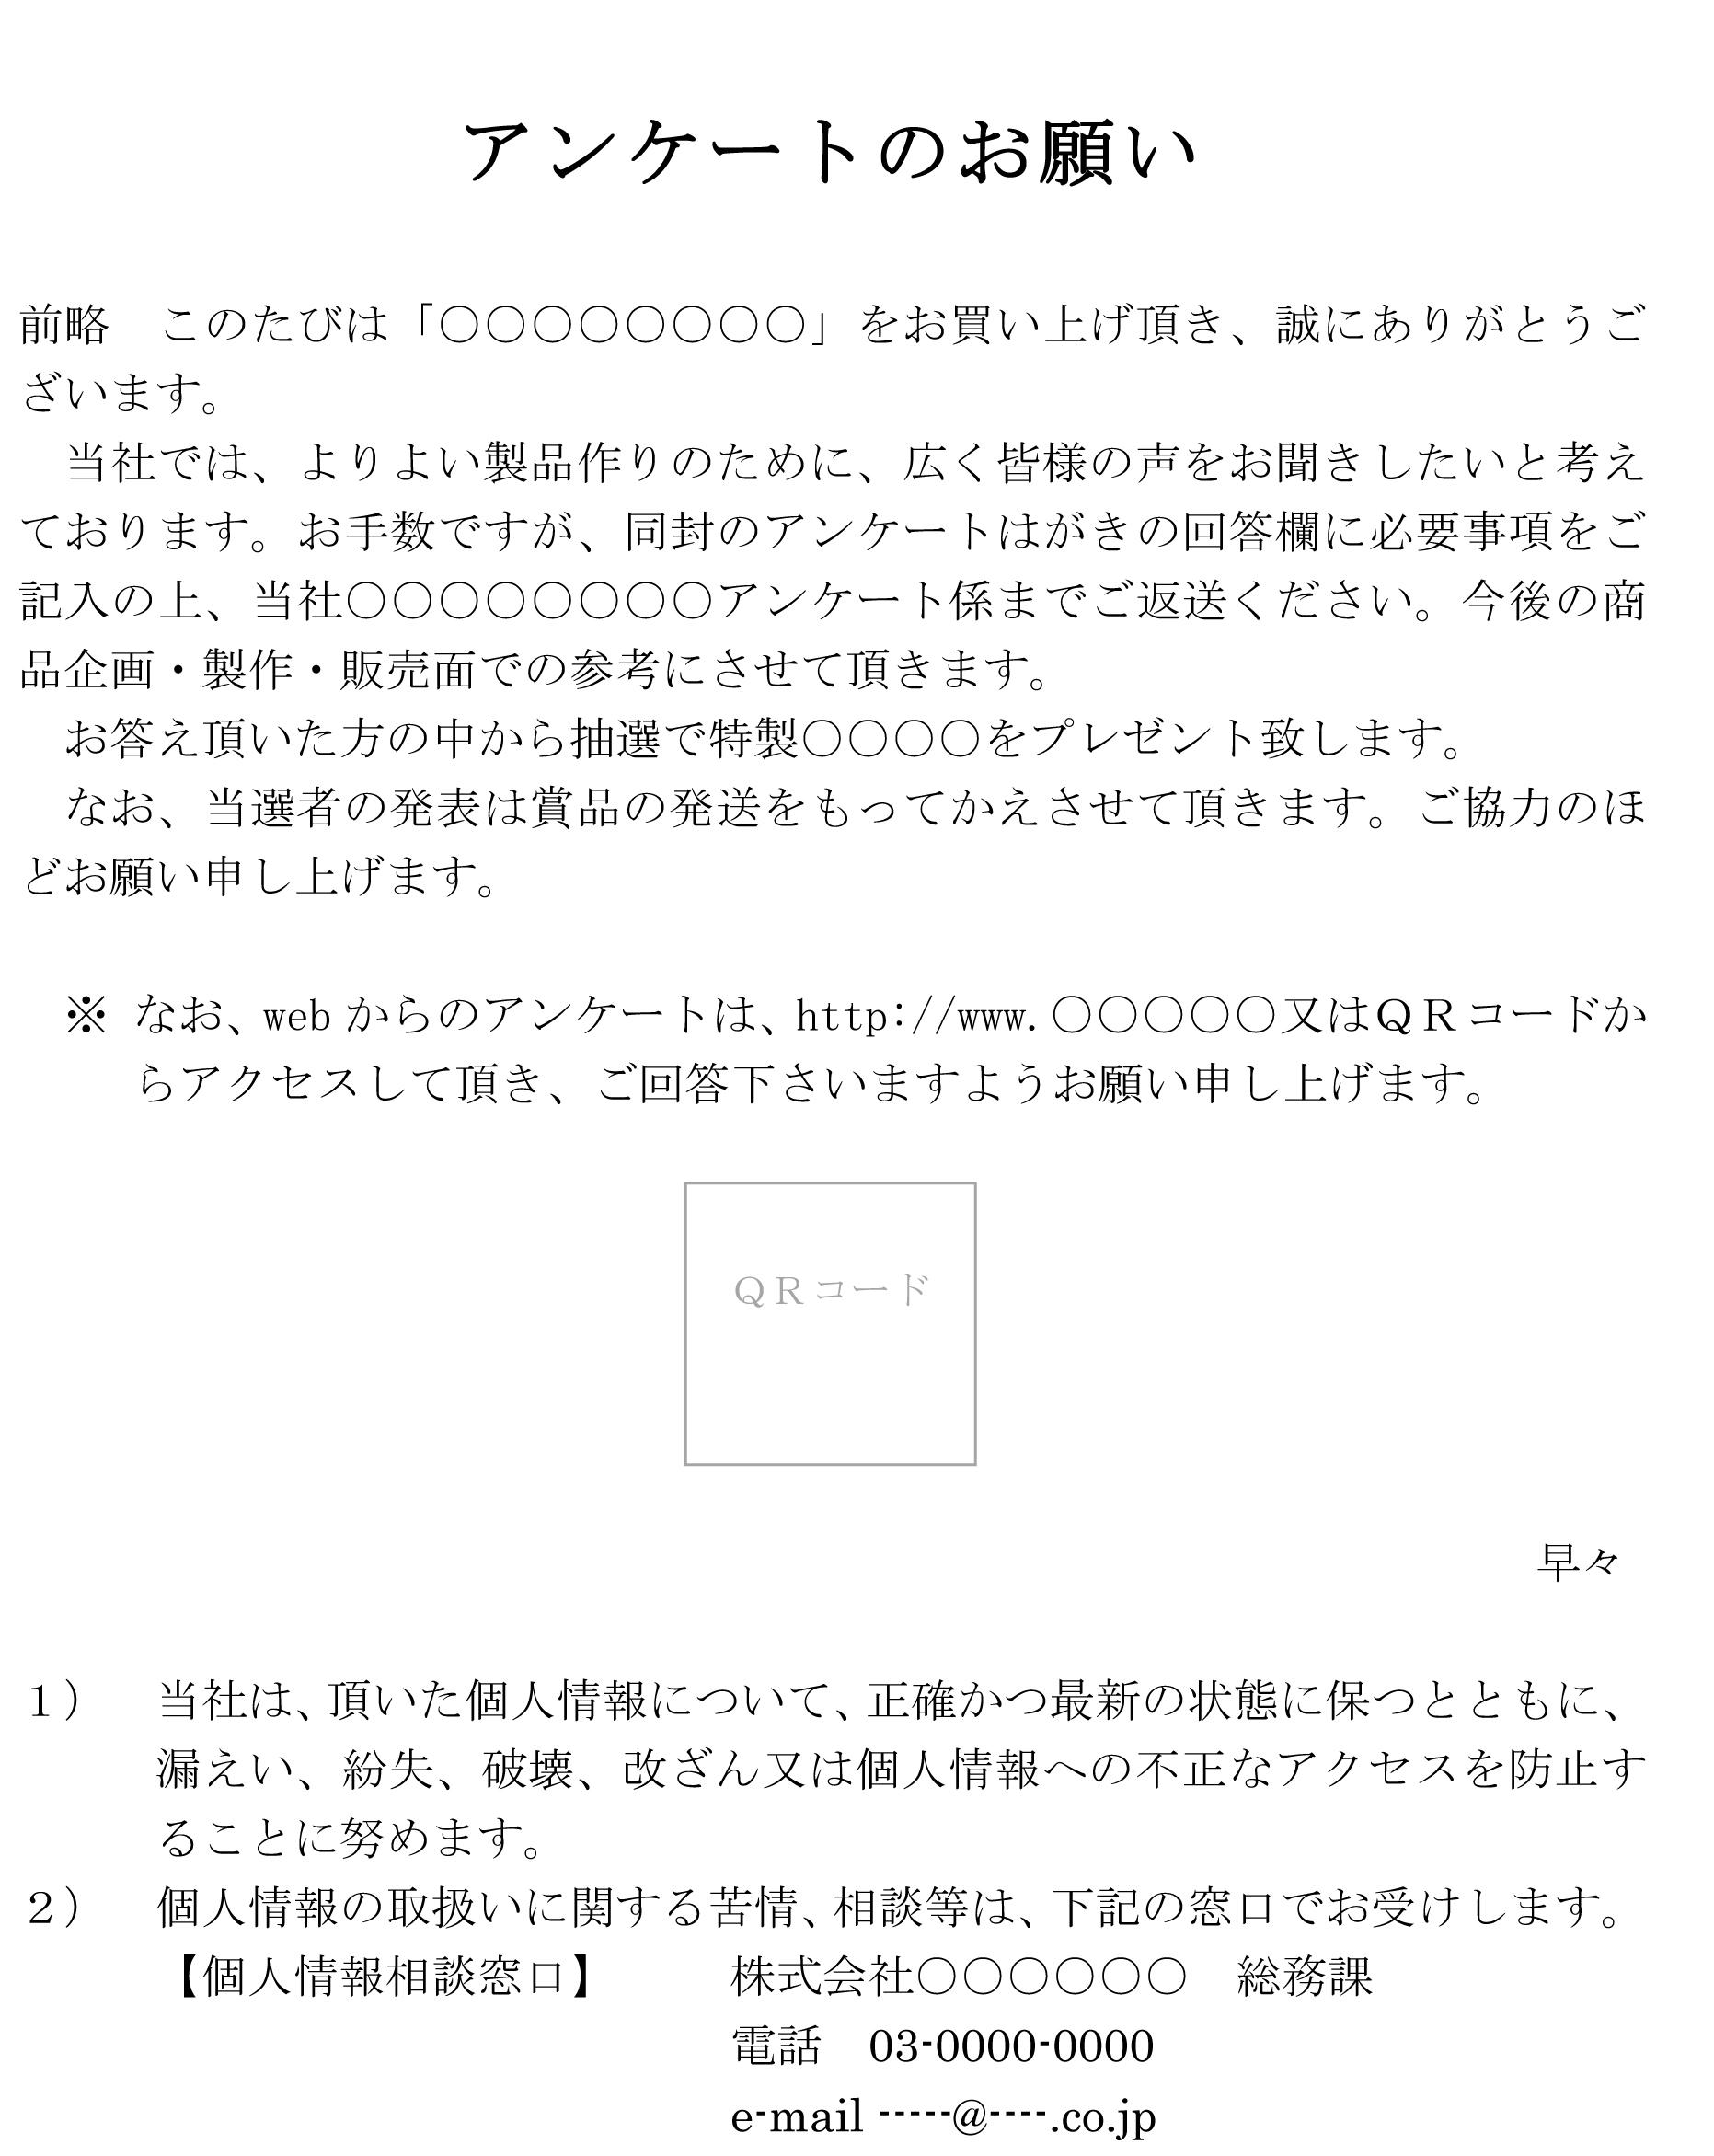 依頼状(アンケート協力)08